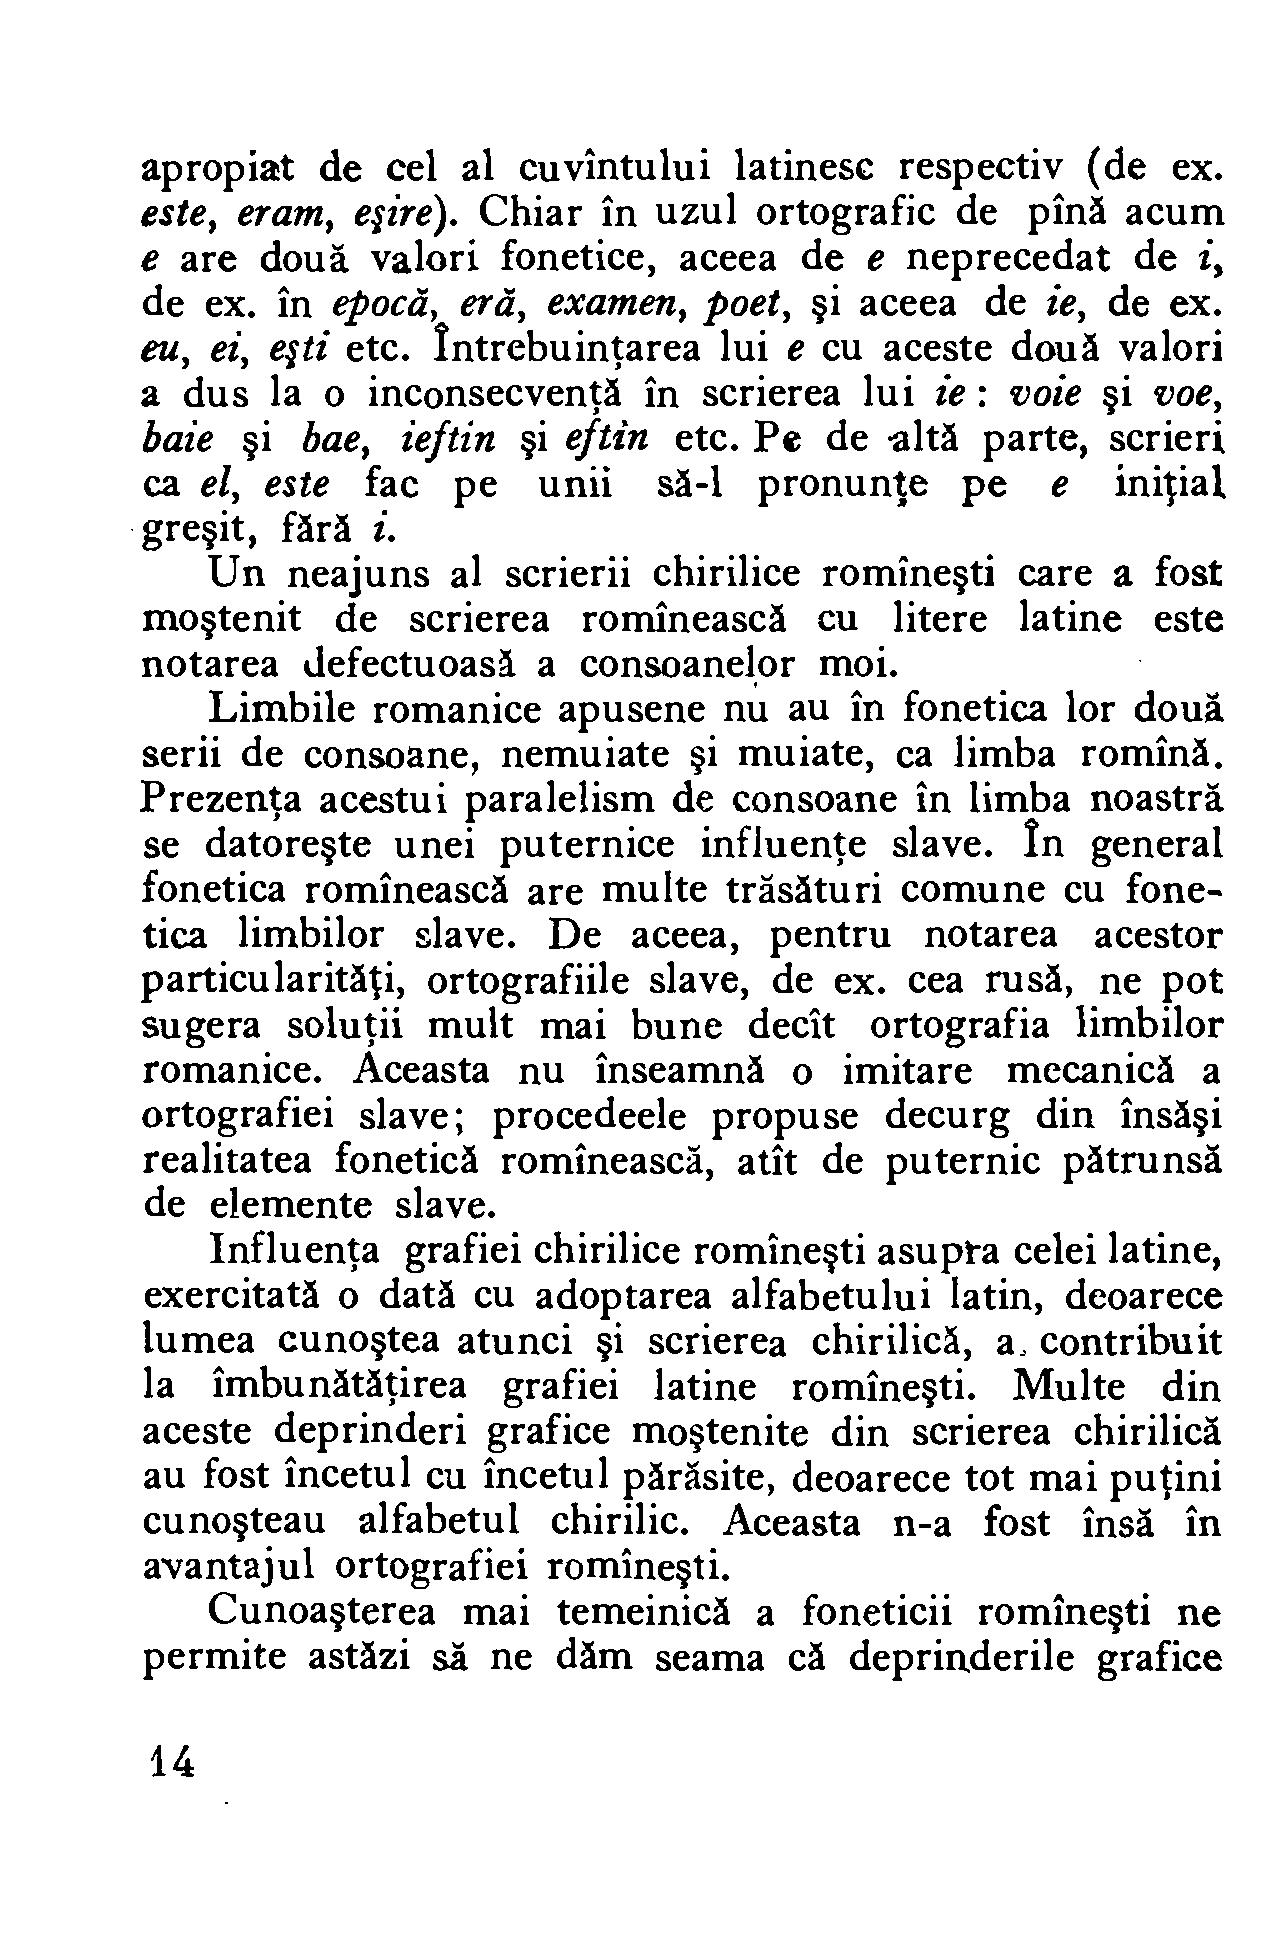 1954 - Mic dicționar ortografic (12).png